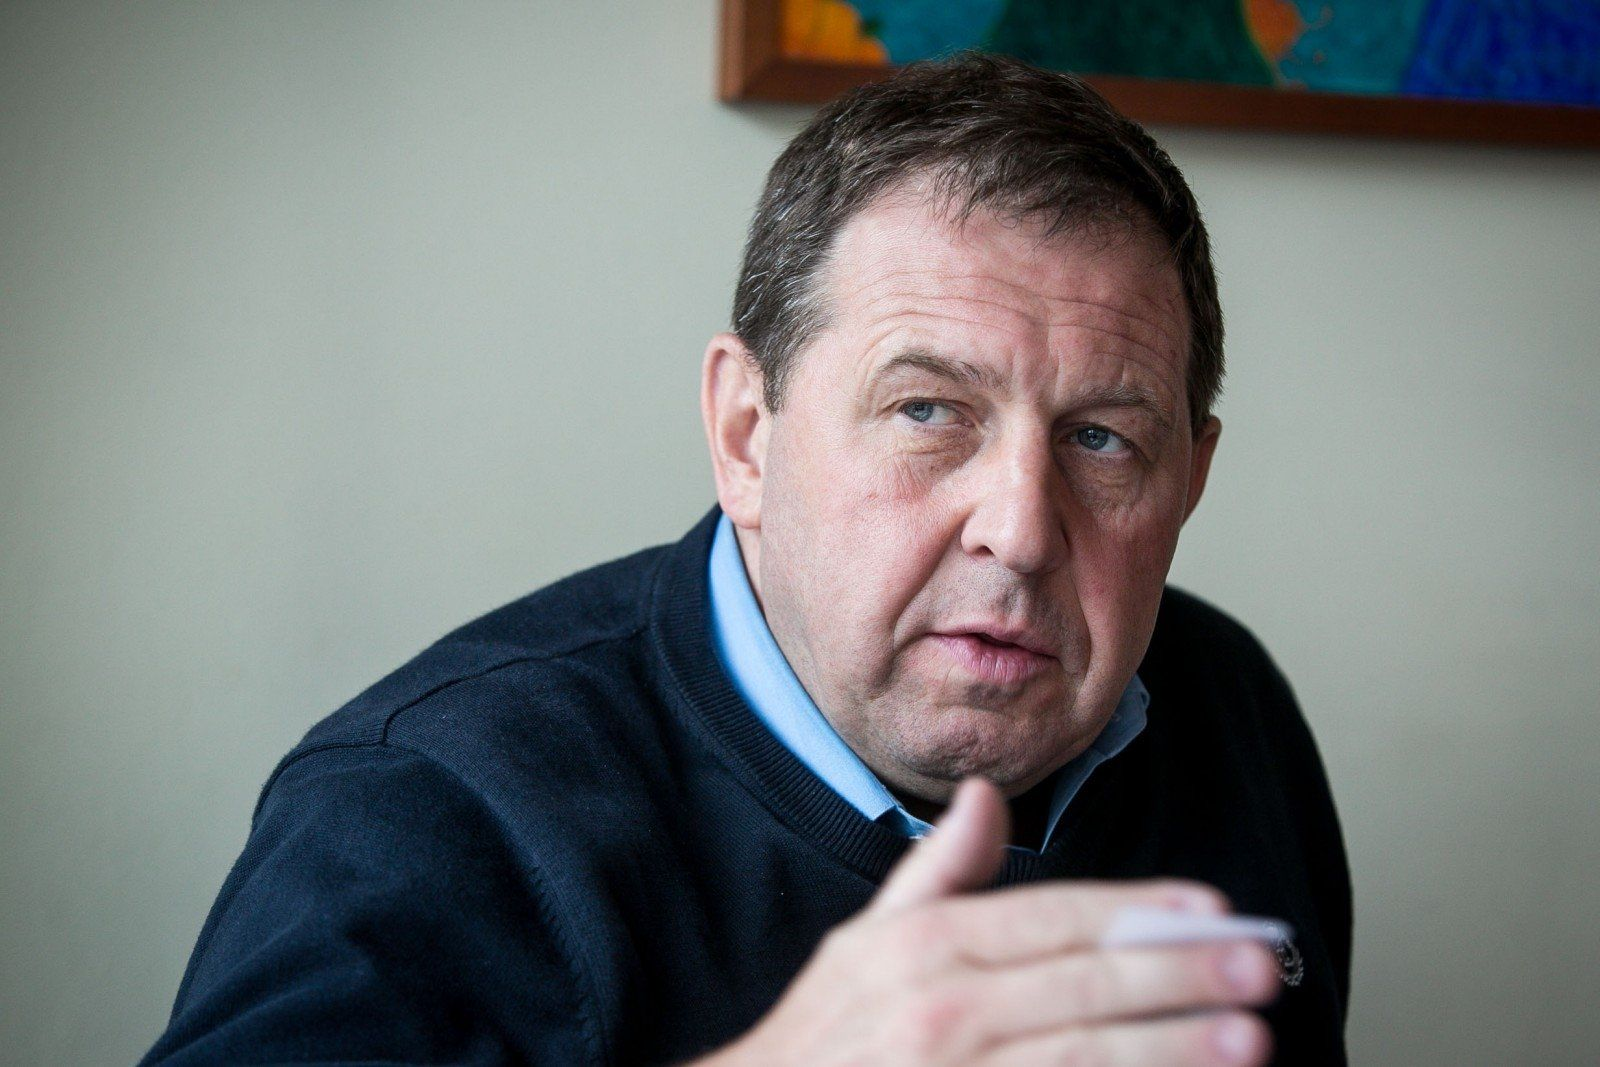 Илларионов объяснил, почему невозможно политическим путем решить вопрос Крыма и Донбасса